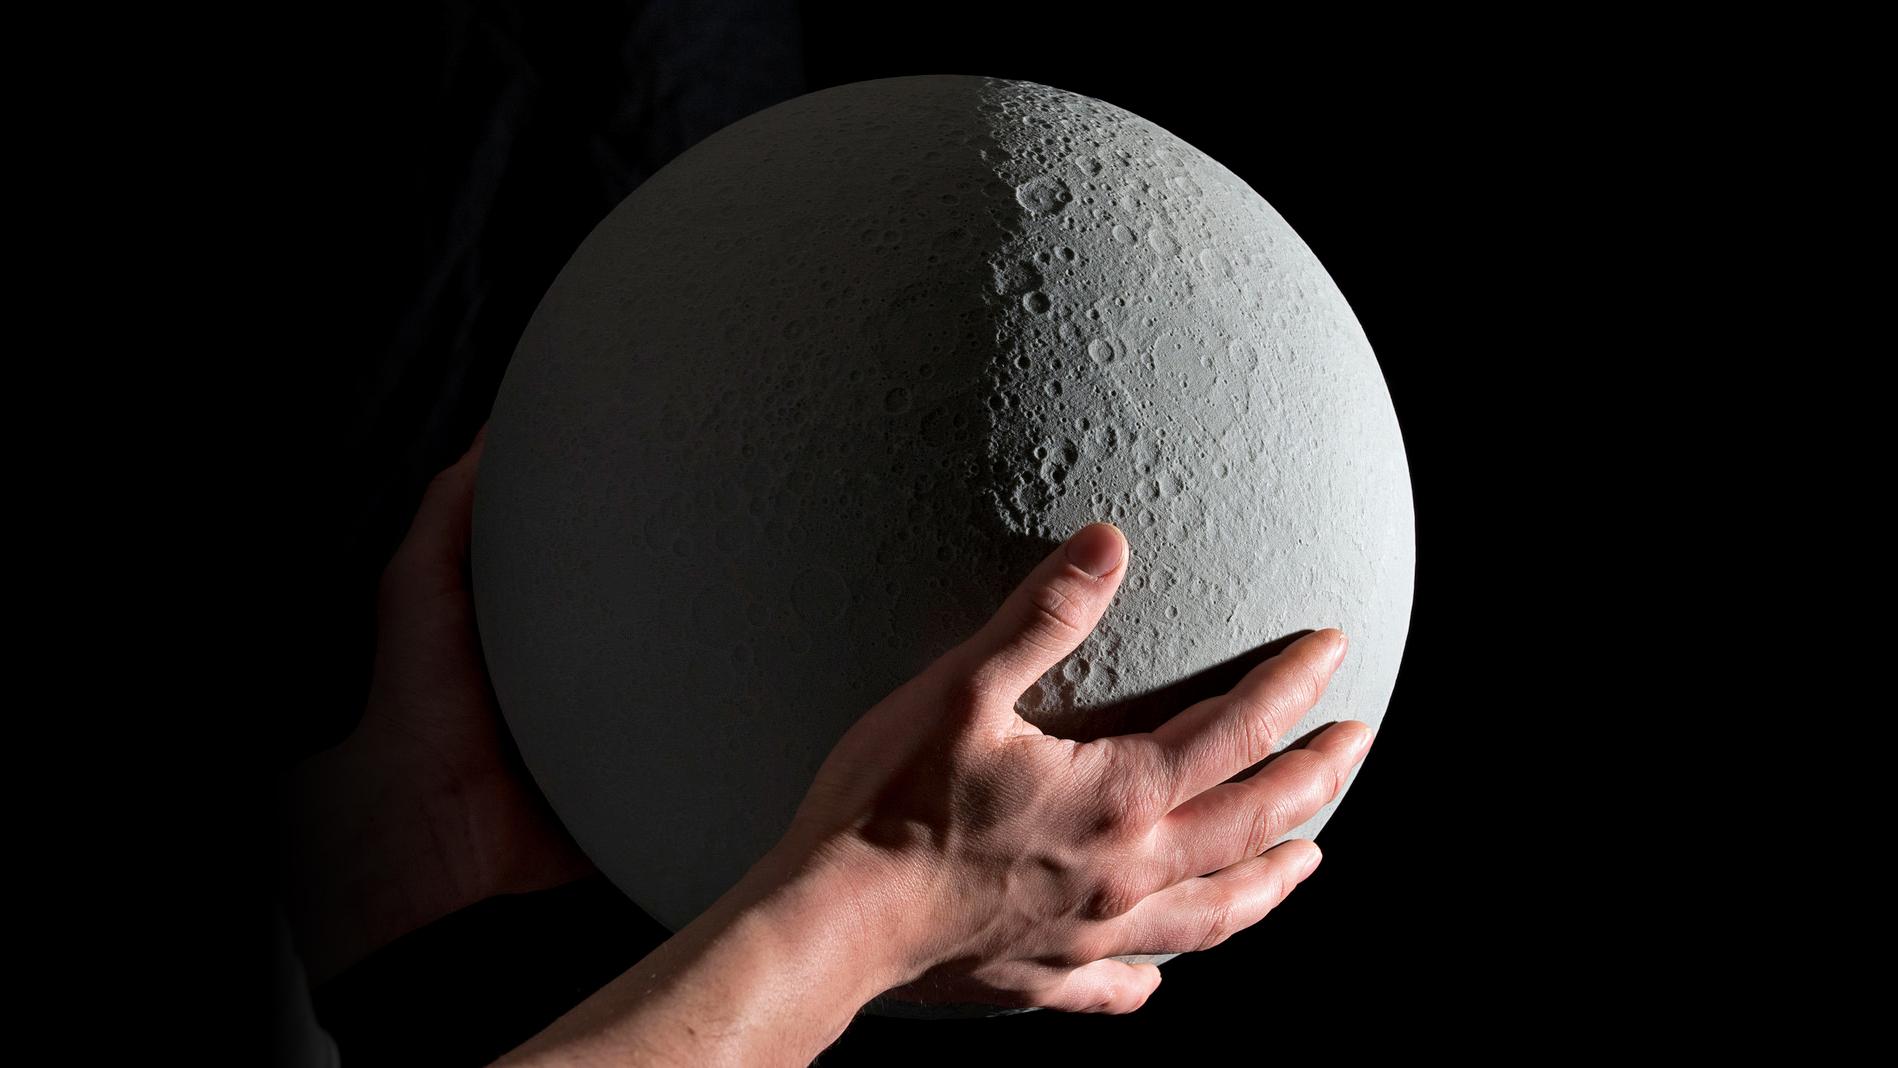 Moon #3